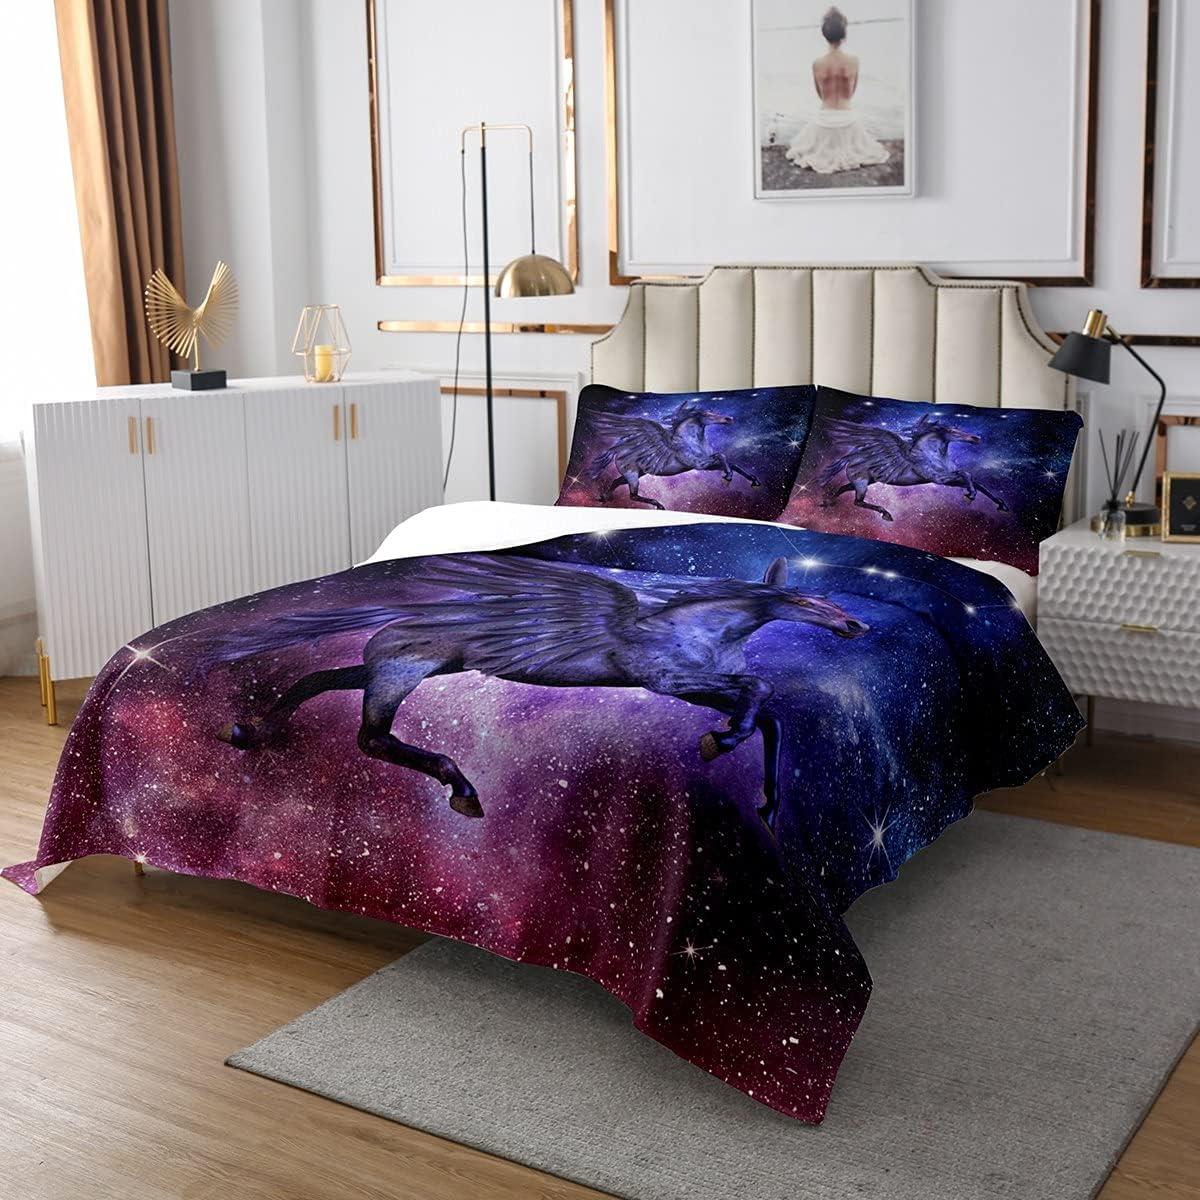 Erosebridal Horse Bedspread shipfree for Kids Teens Girls Super special price Boys Psychedeli